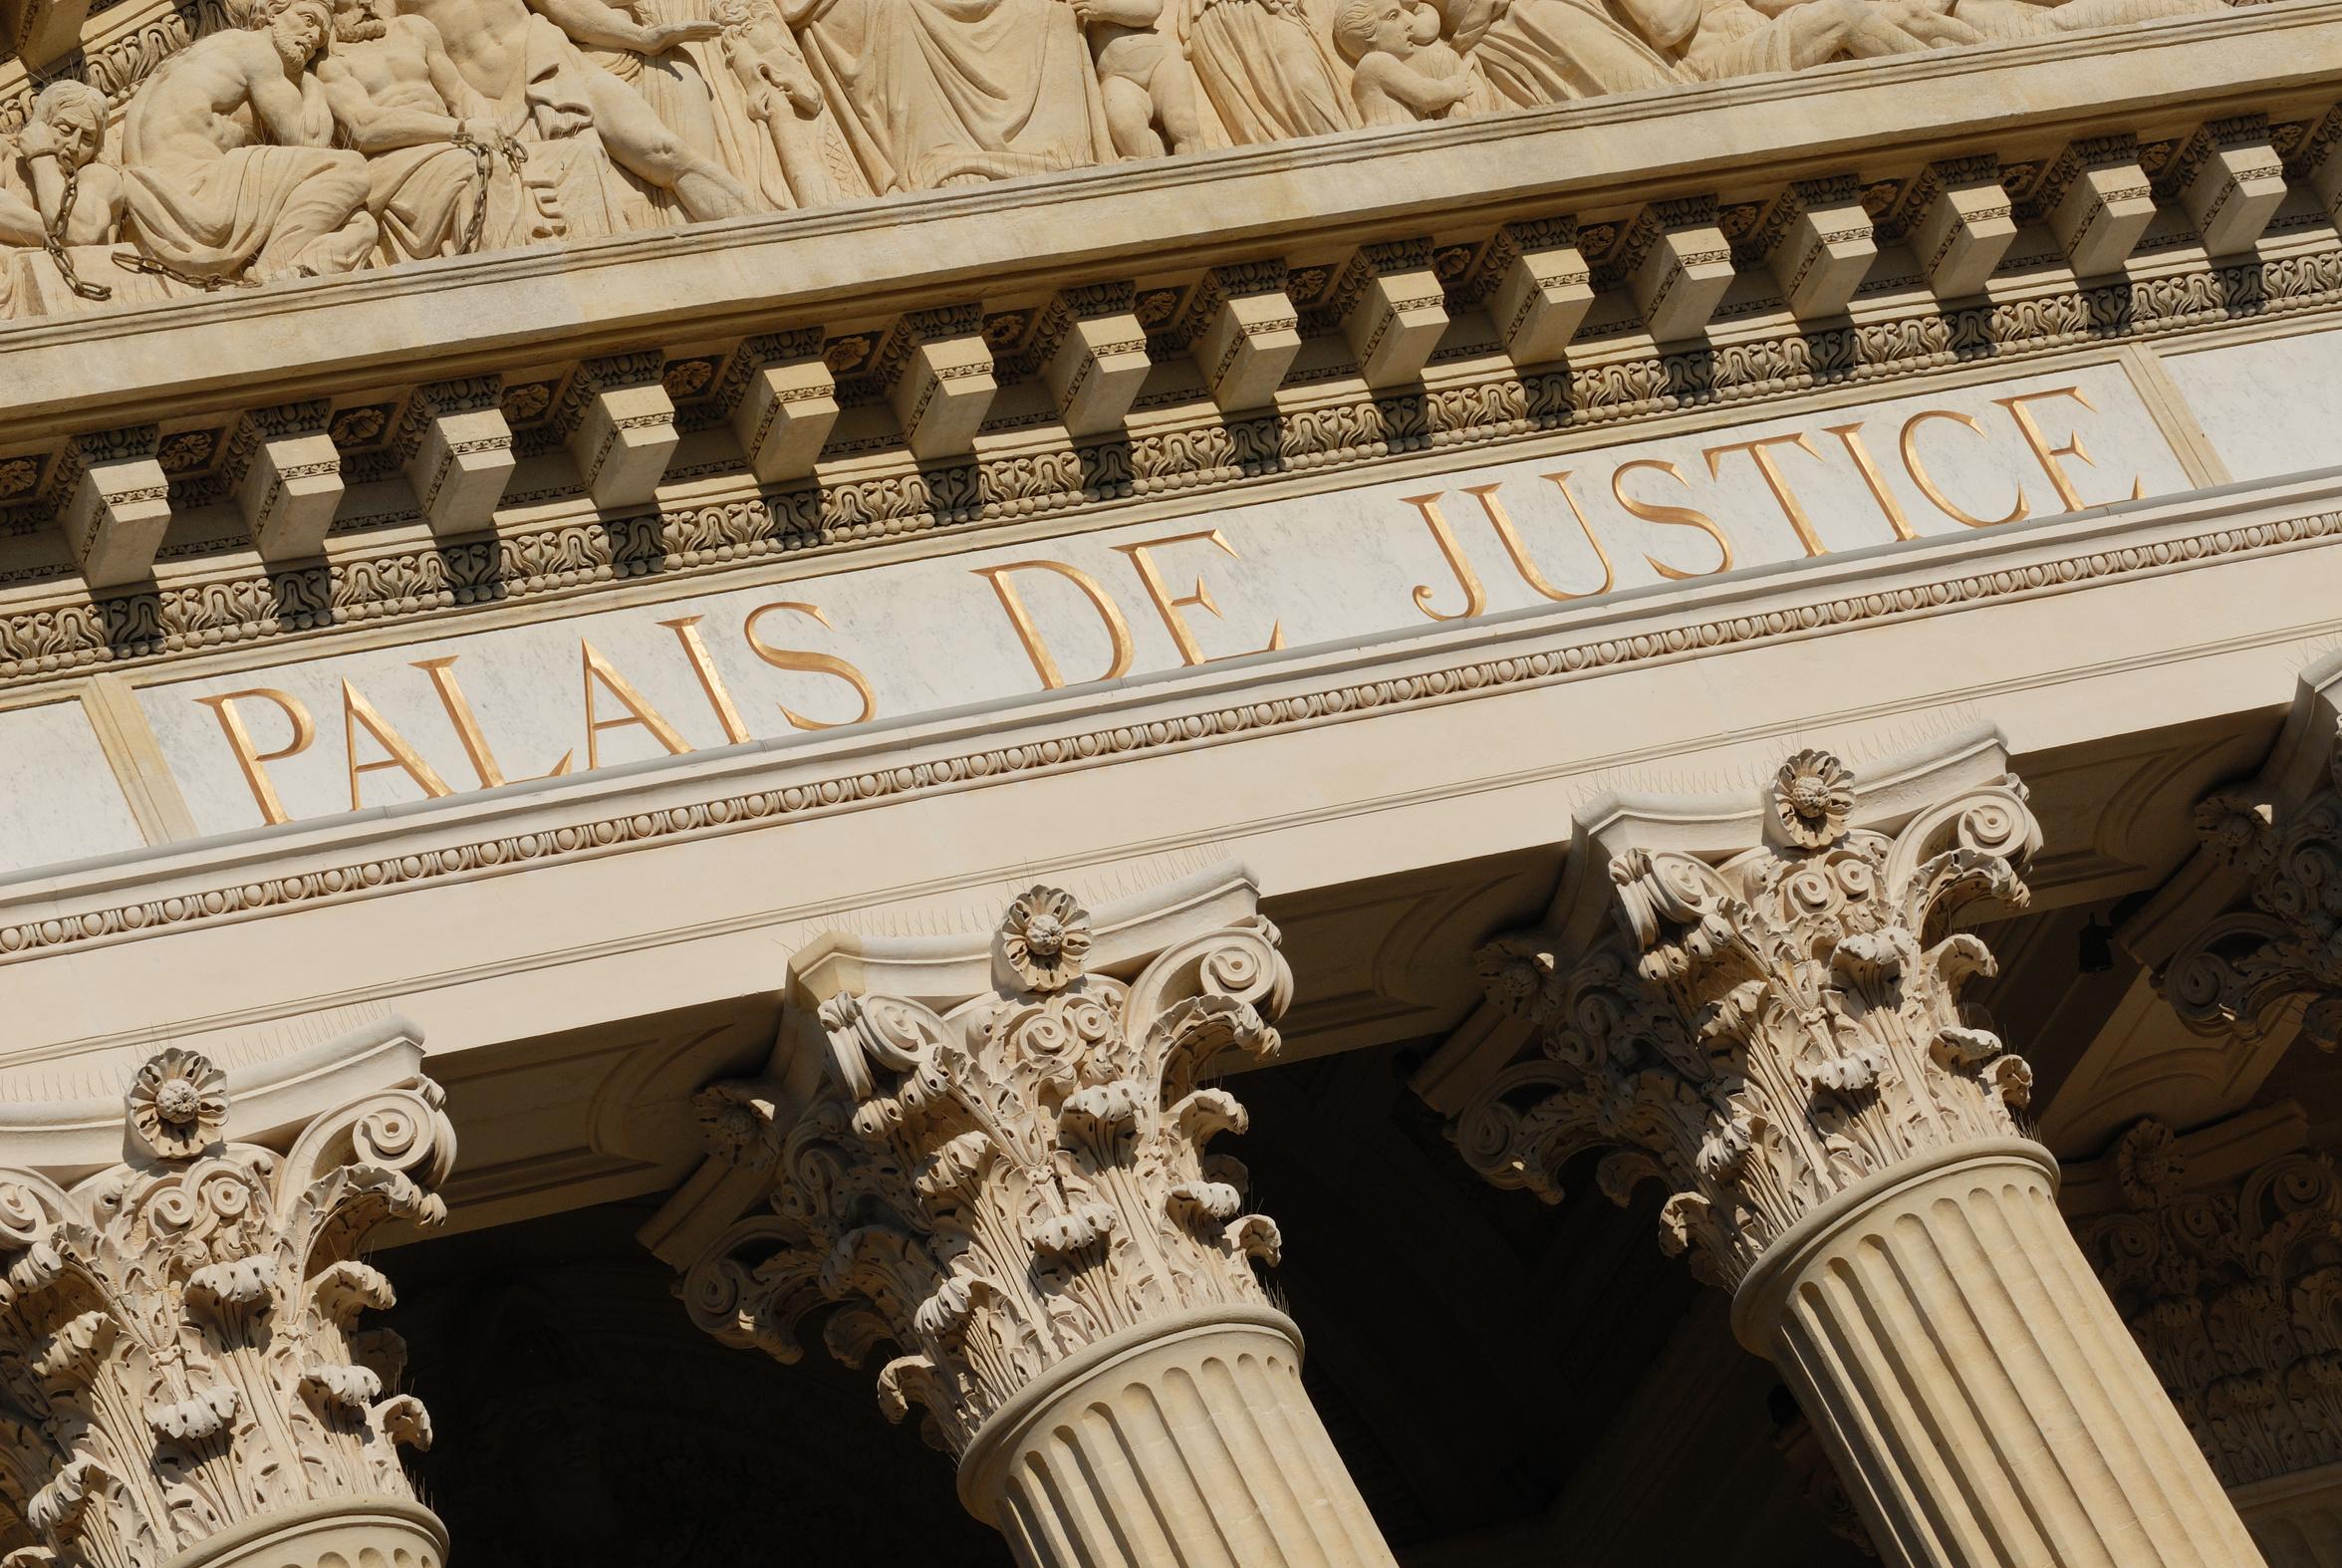 palais_de_justice